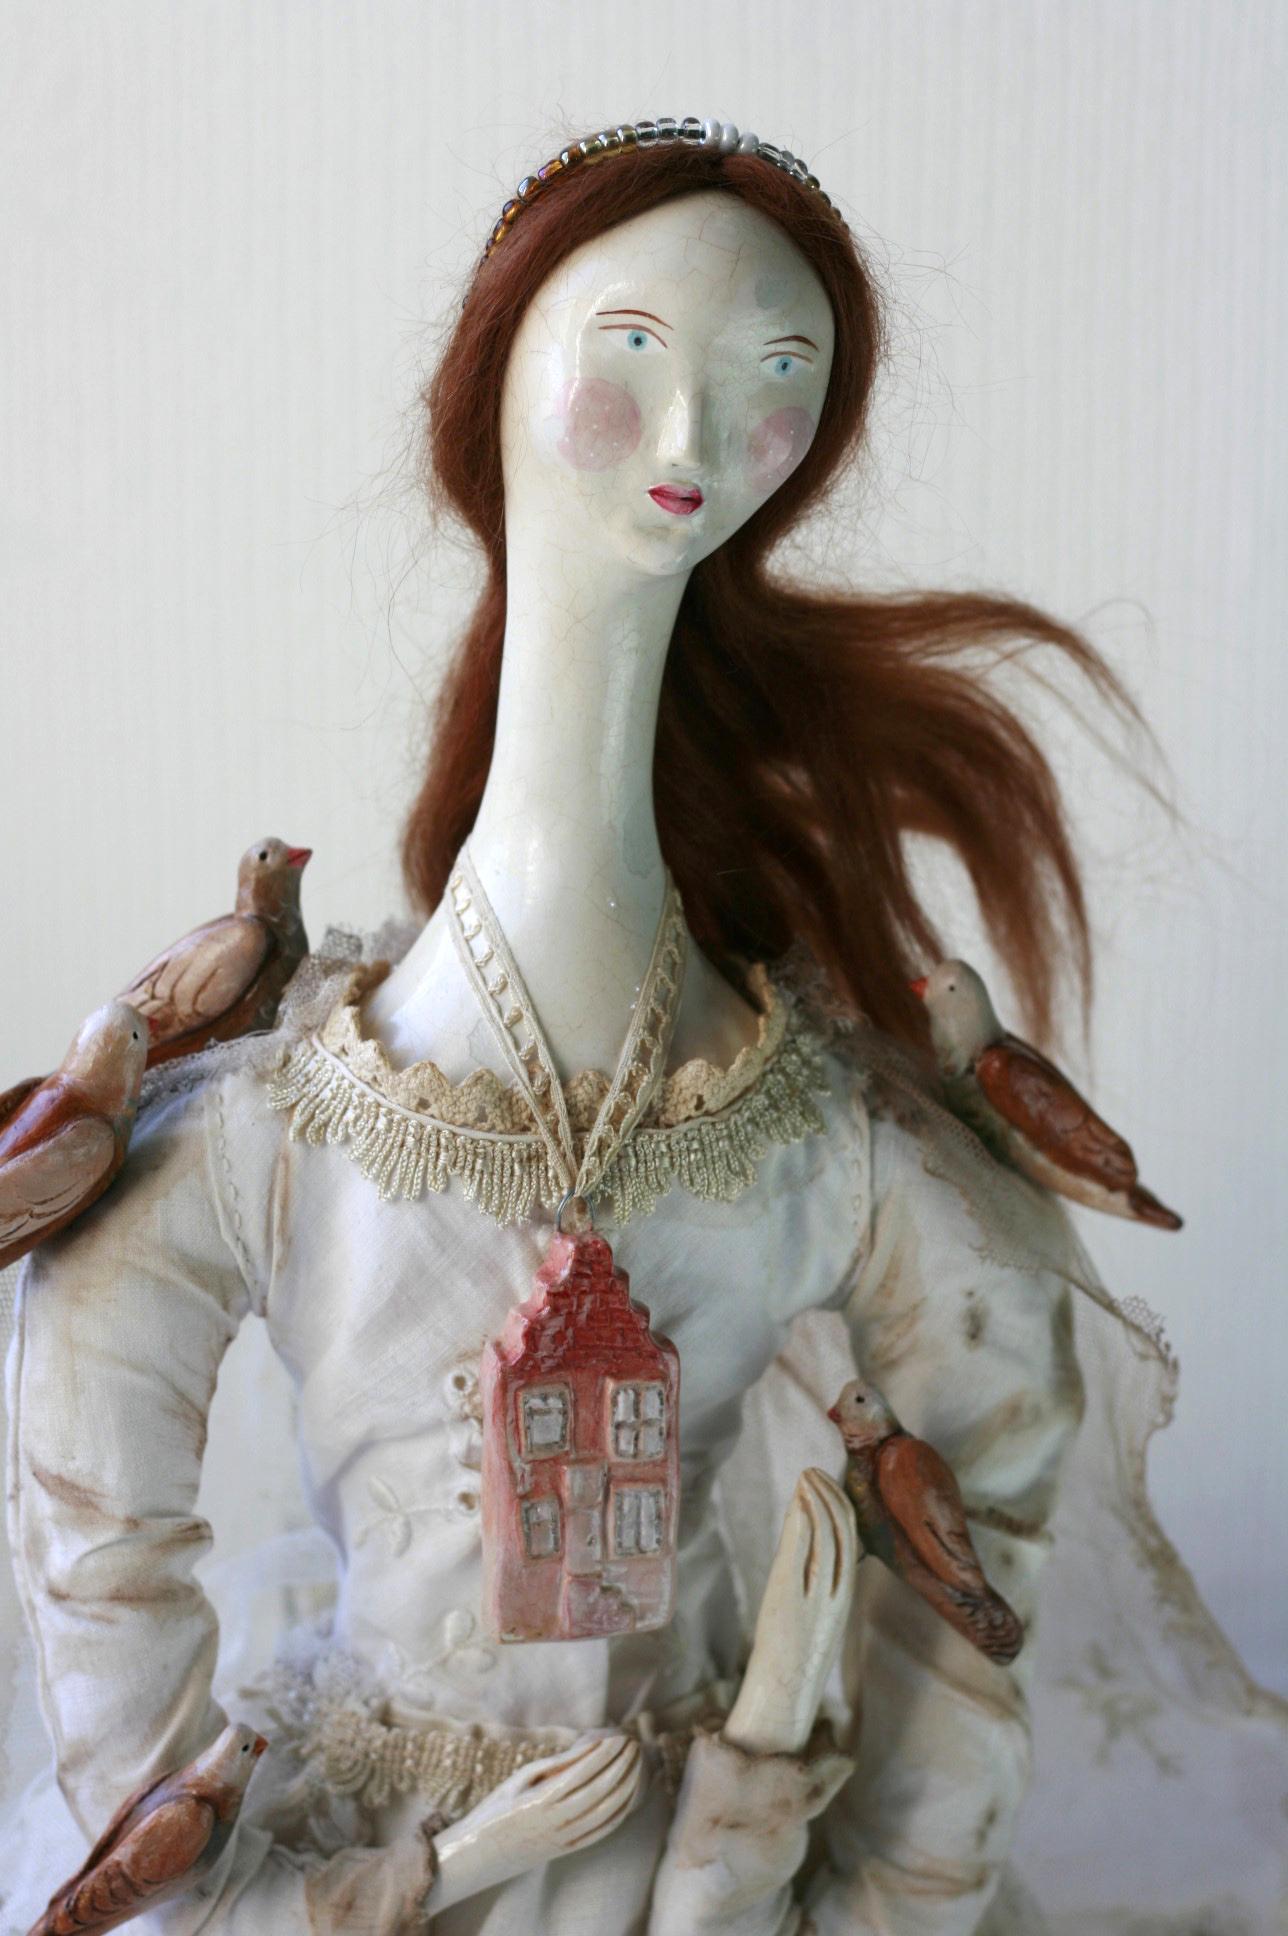 porcelain artdoll